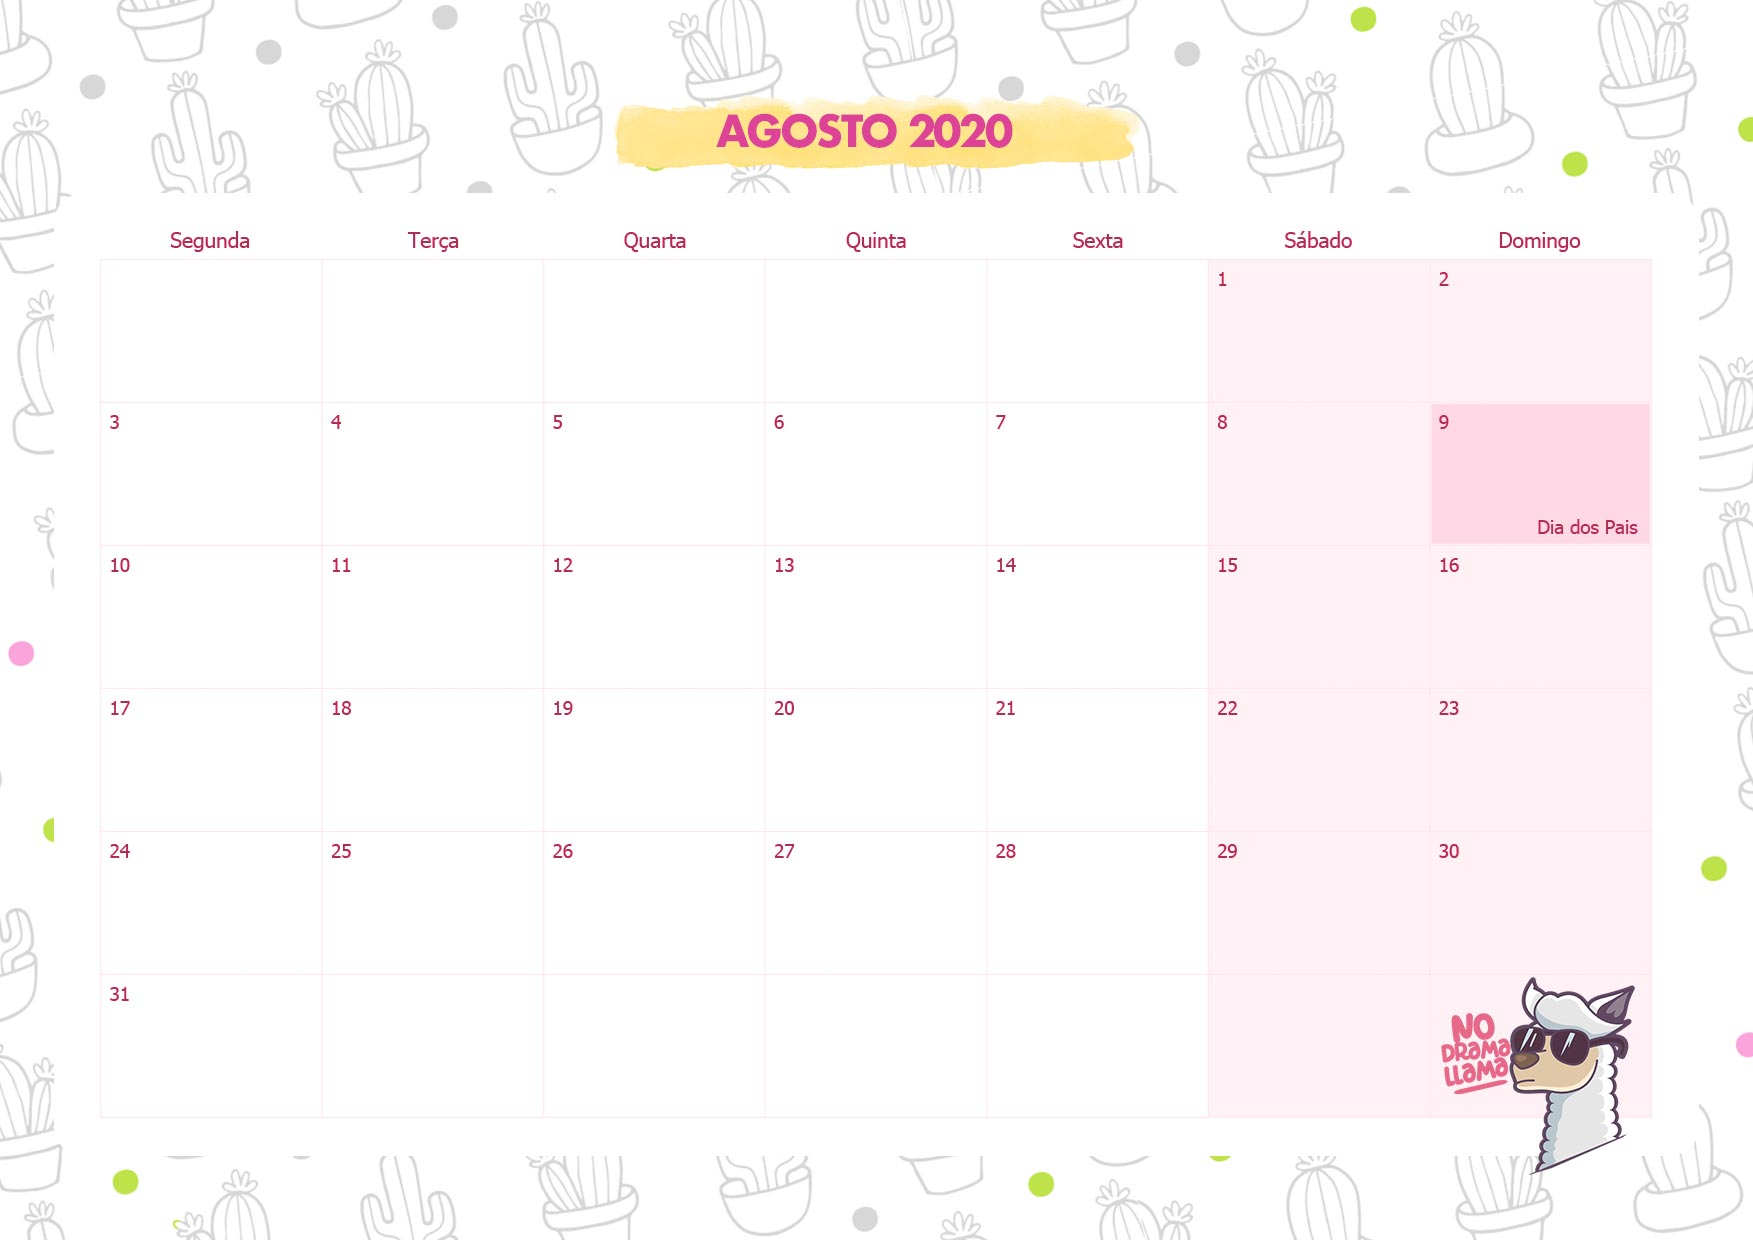 Calendario Mensal No Drama Lhama Agosto 2020